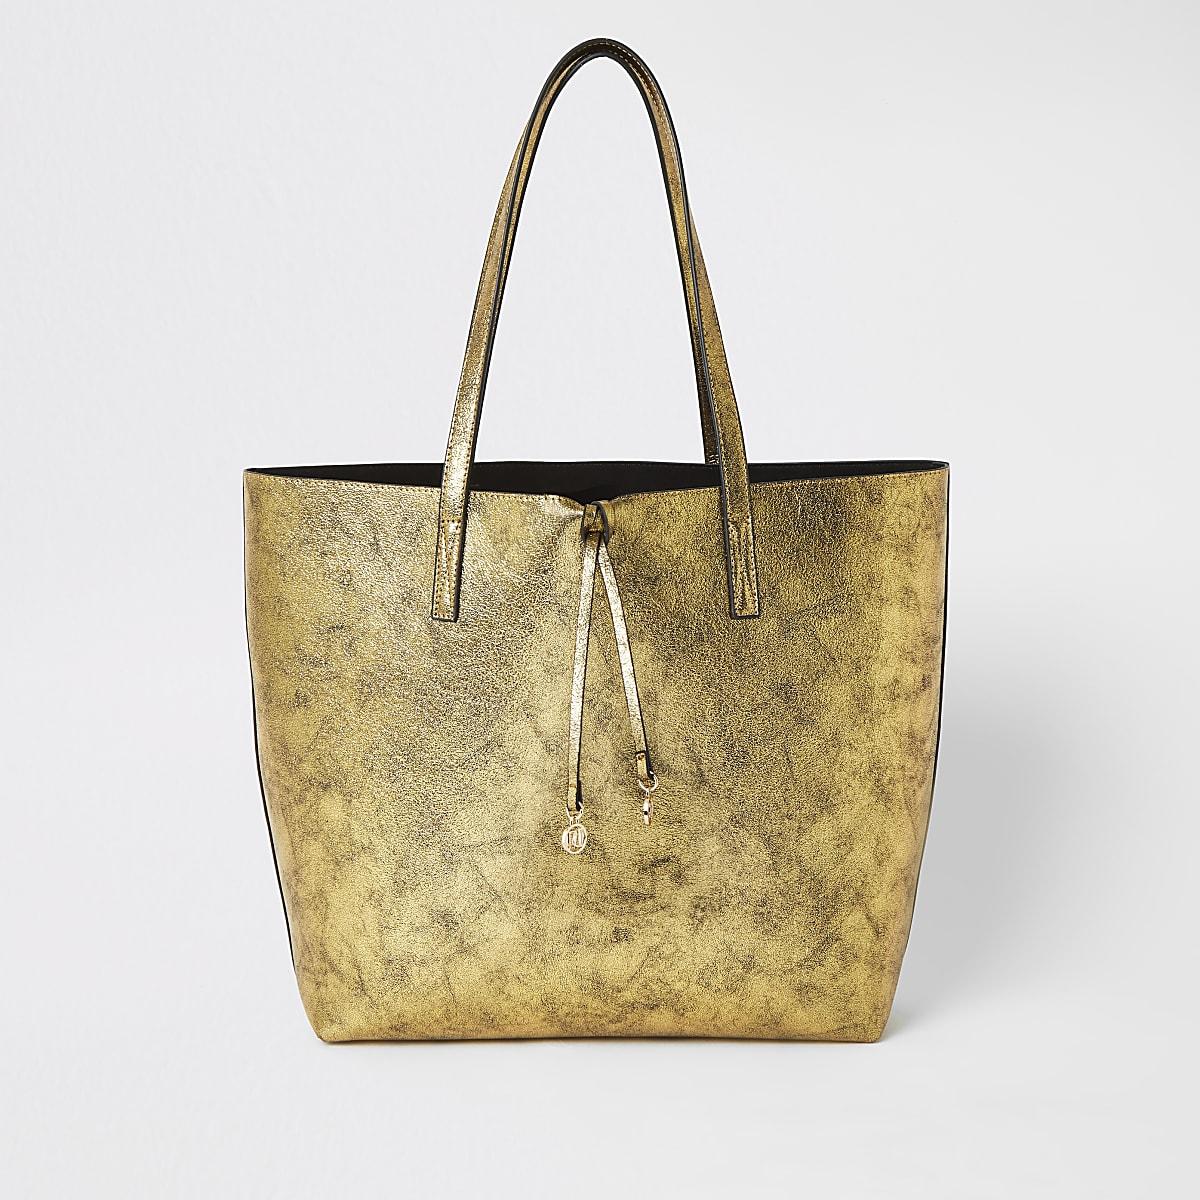 Grand sac de plage cabas doré